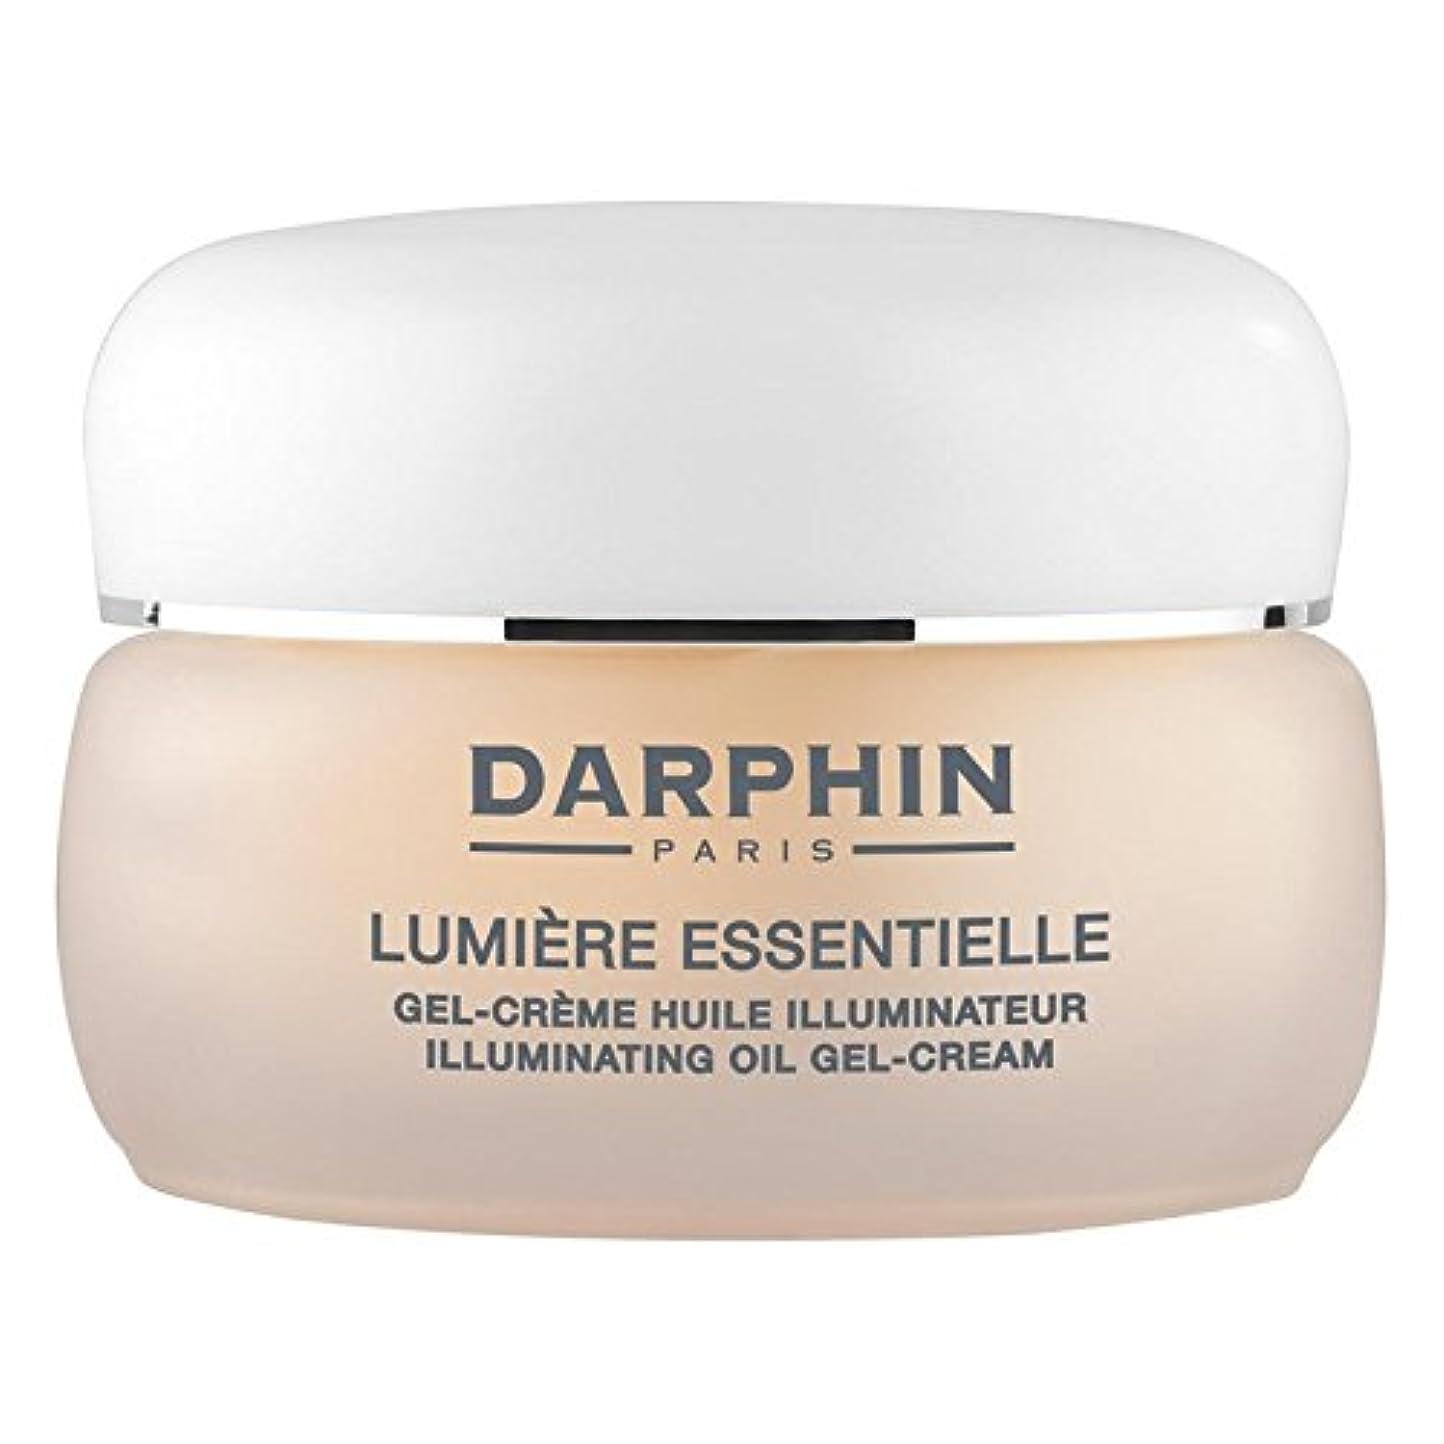 職業ジャケット従順ダルファンリュミエールクリーム x4 - Darphin Lumiere Essentiell Cream (Pack of 4) [並行輸入品]